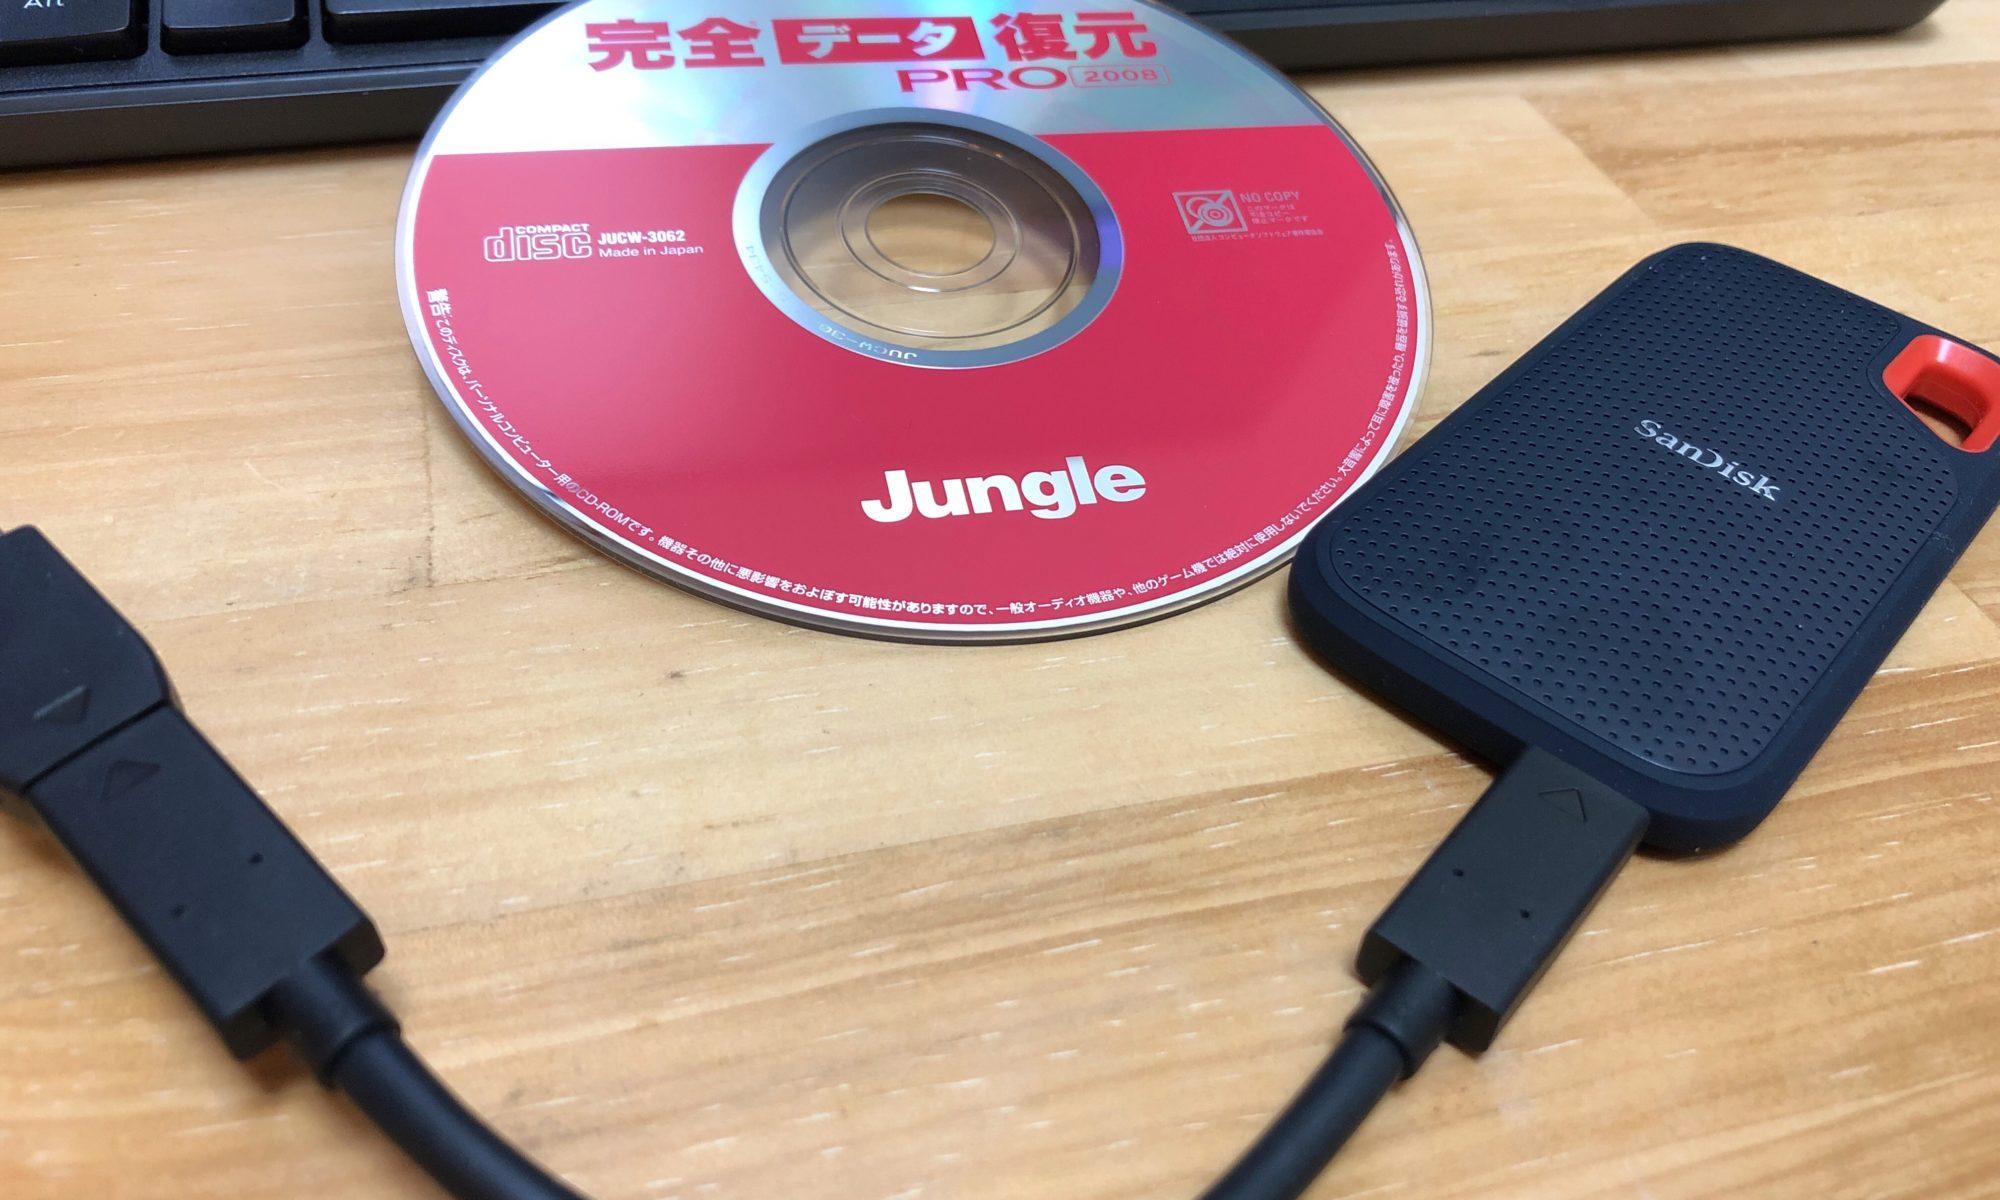 データ復旧に利用した完全復元PROと、新規で購入したSanDiskのSSDドライブ。写真の見た目以上に小さいです。名刺サイズくらいかな。